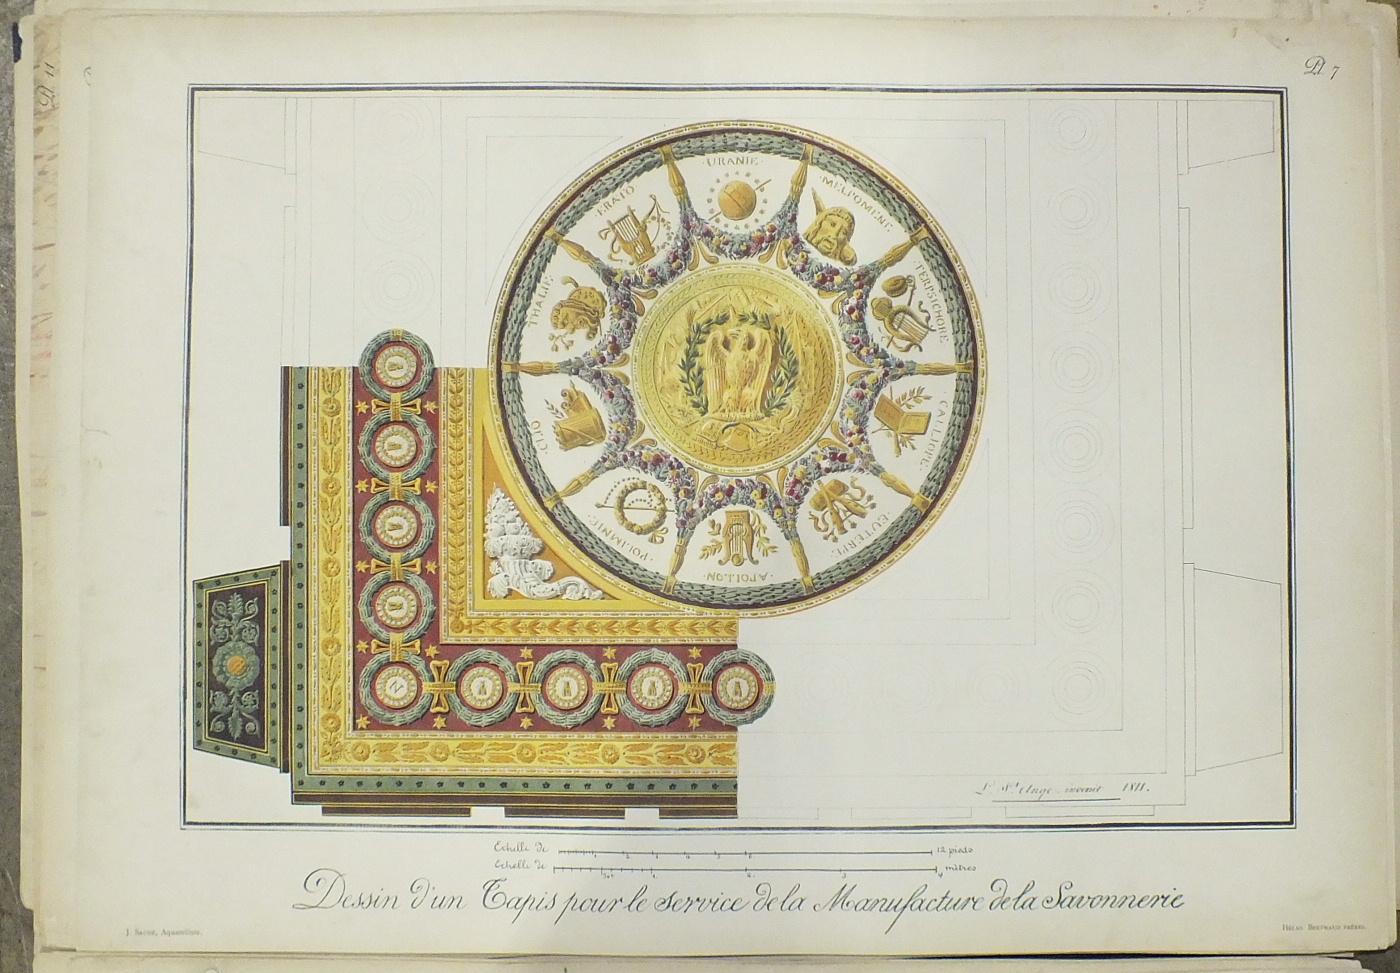 Dumonthier (Ernest), Recueil de Dessins de Tapis et de Tapisseries d'Ameublement du Mobilier de la - Image 3 of 3